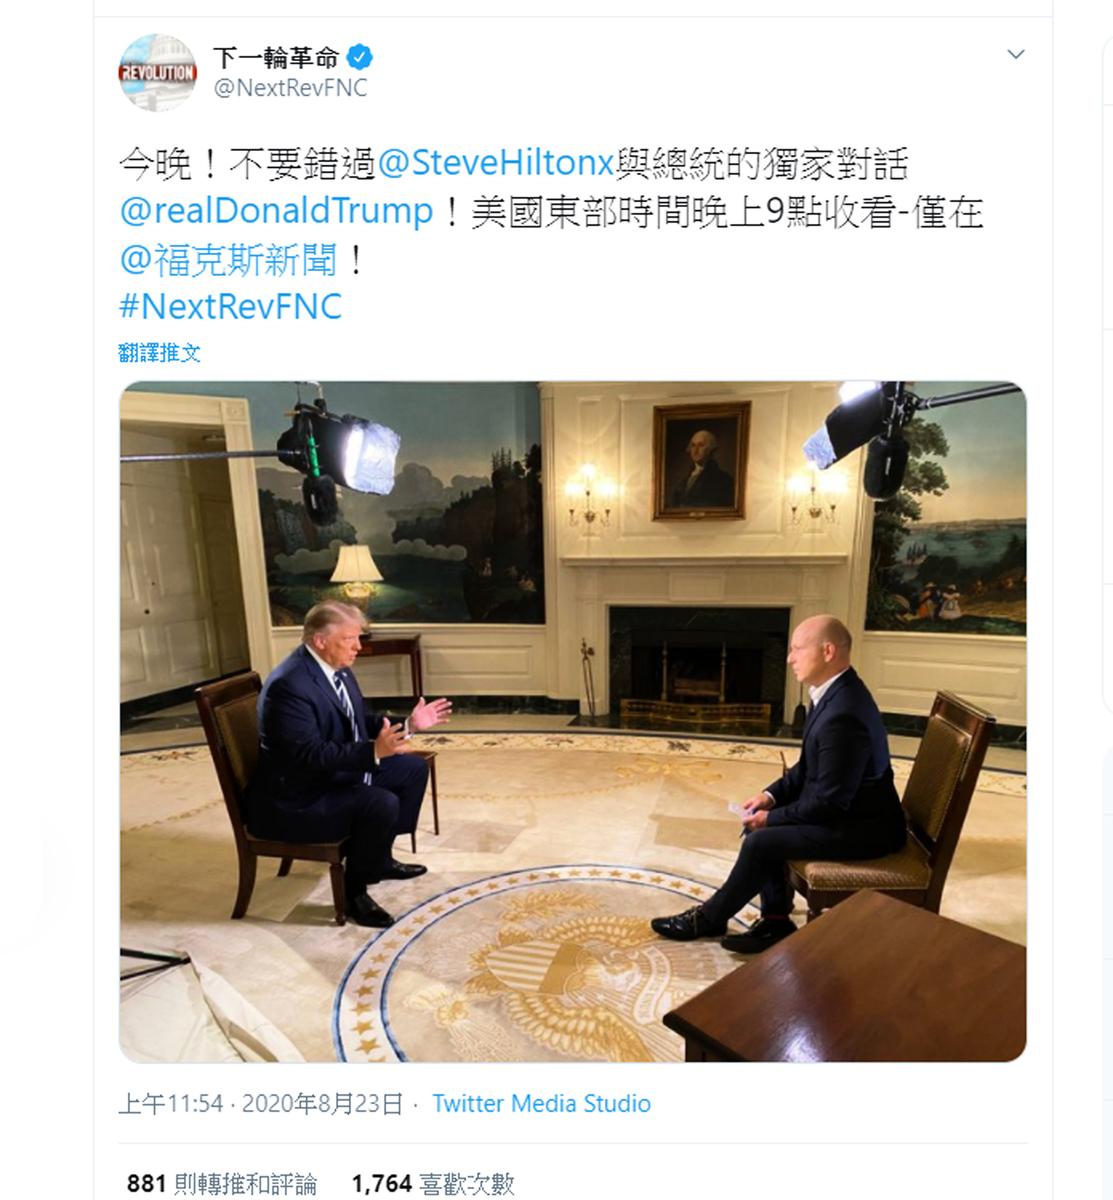 美國總統特朗普(Donald Trump)接受霍士新聞頻道(FNC)採訪。(網絡截圖)